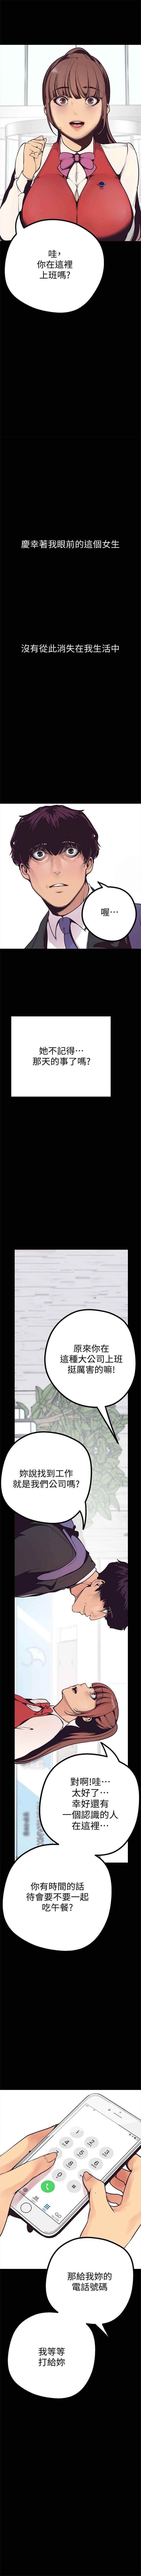 (周6)美丽新世界 1-61 中文翻译 (更新中) 39